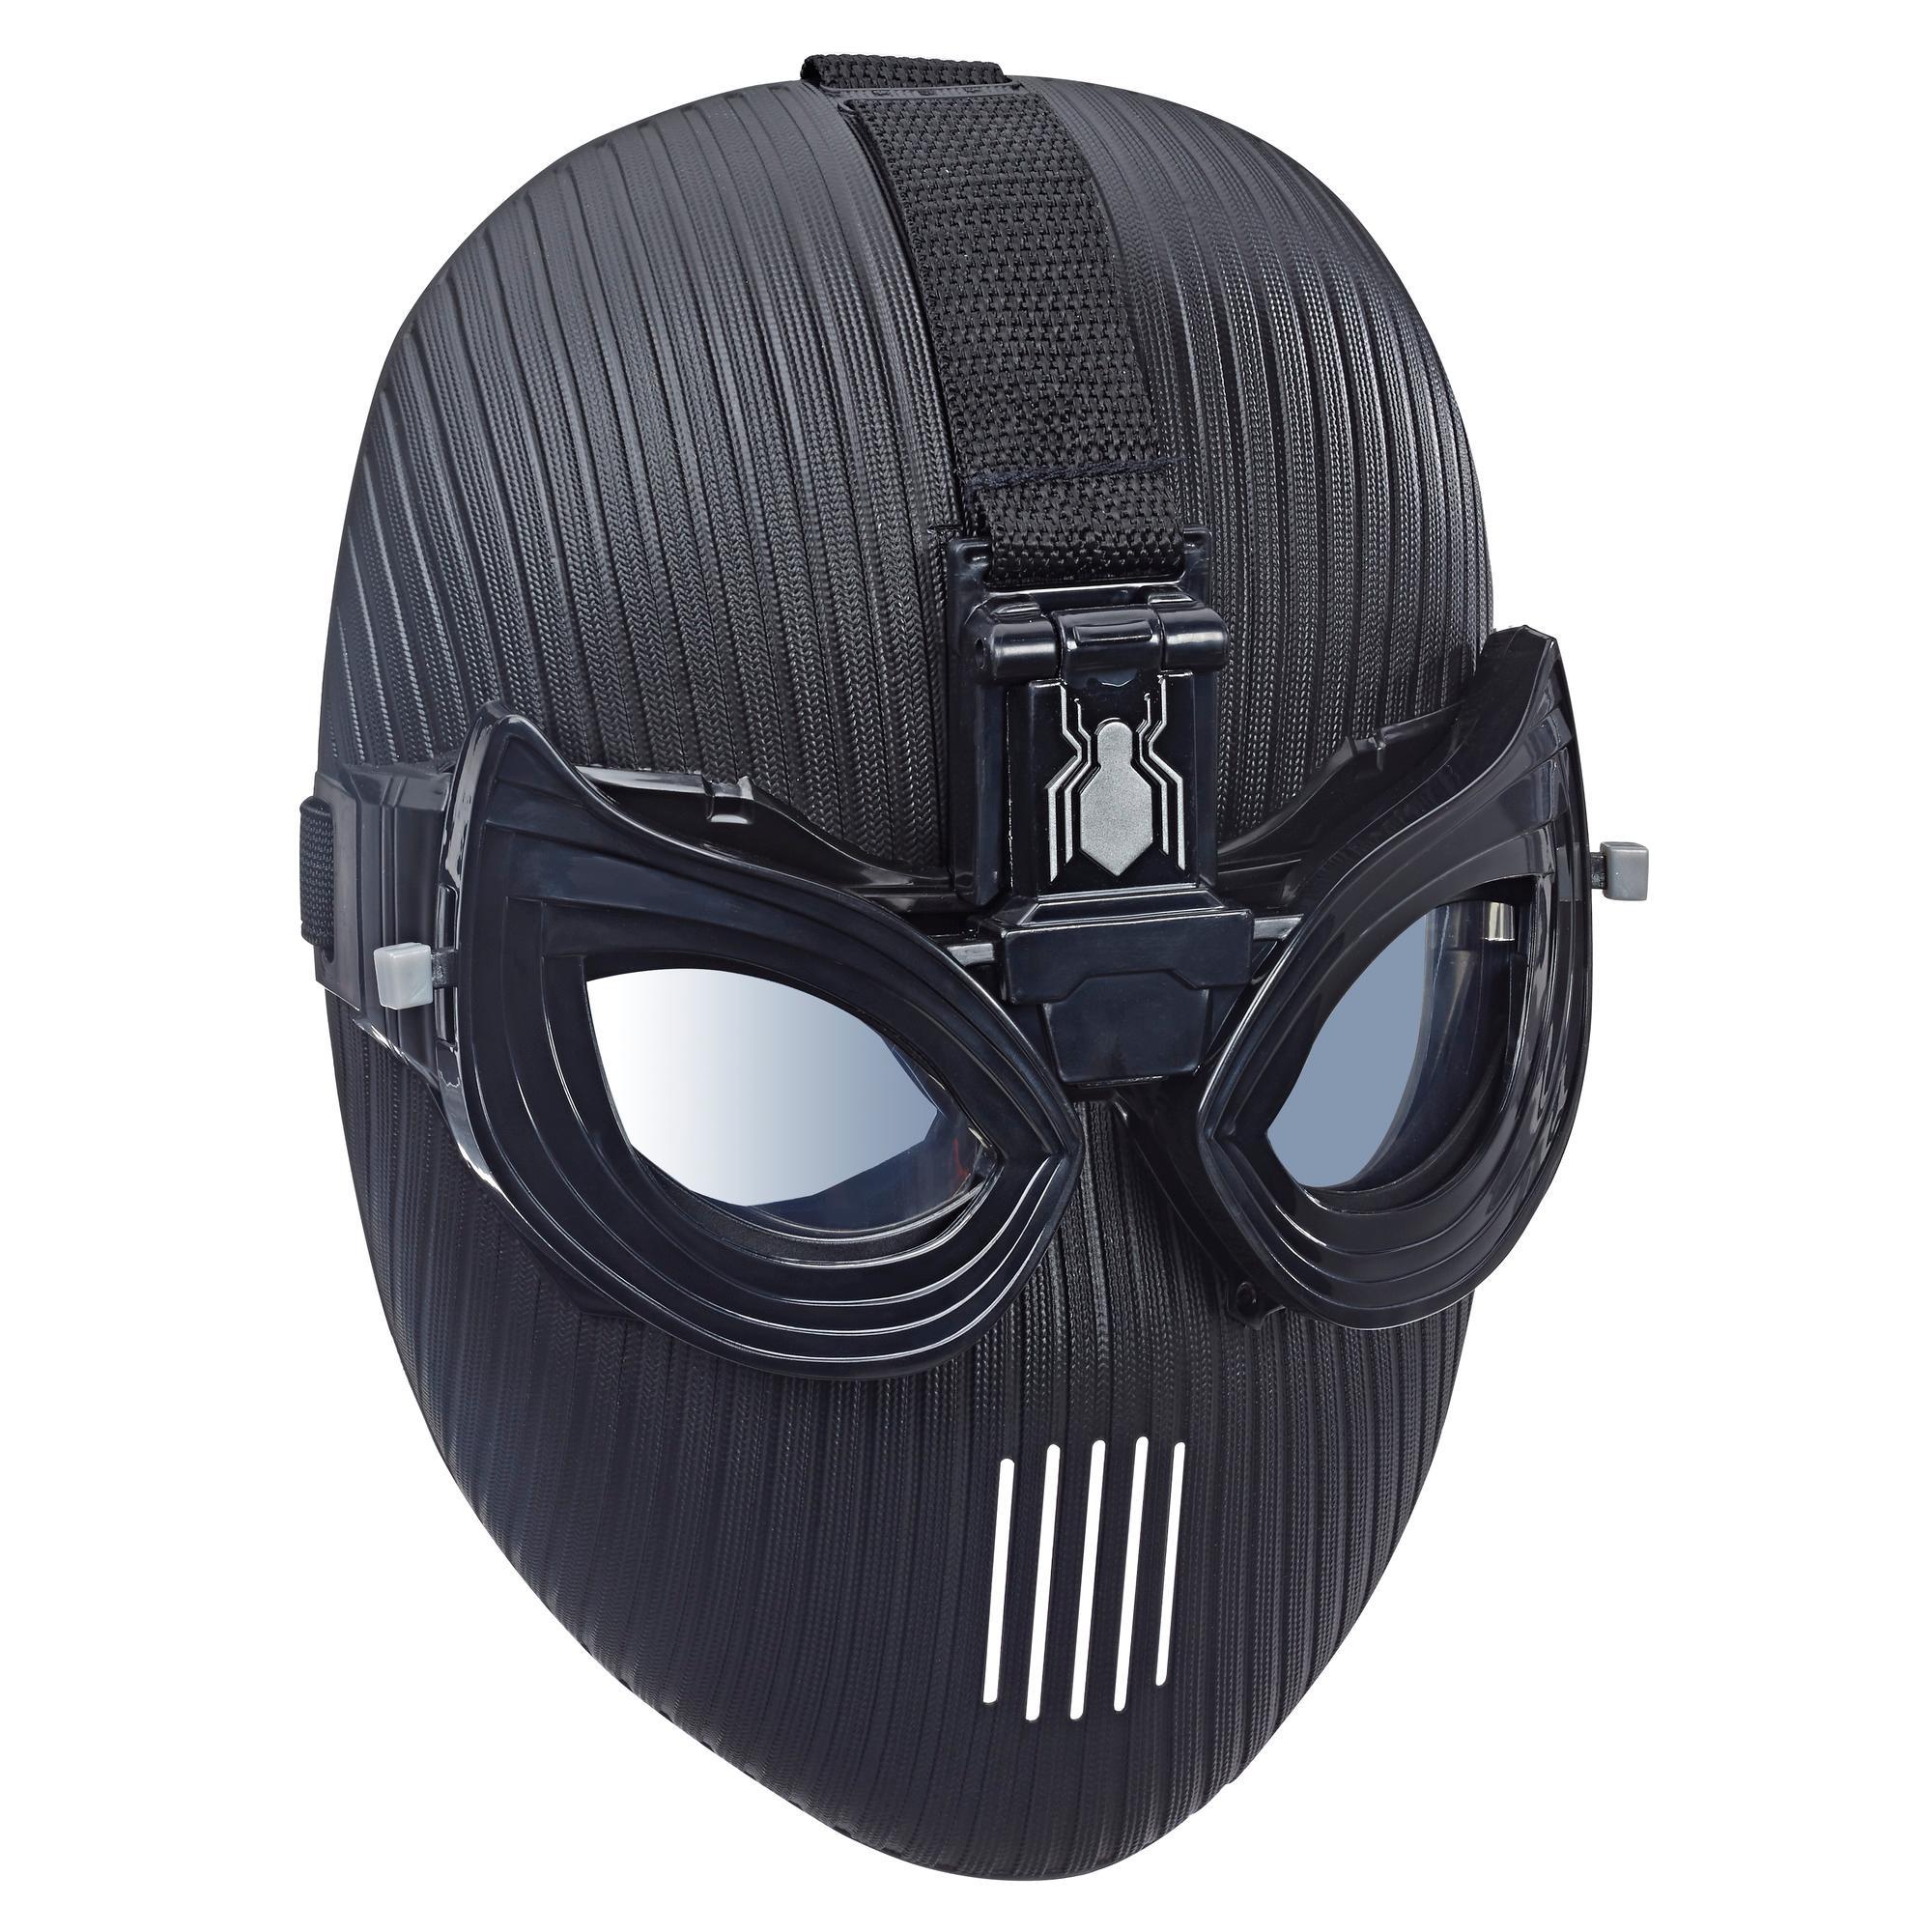 Marvel Spider-Man: Lejos de casa - Máscara del traje de sigilo del Hombre Araña para juego de rol – Máscara de superhéroe de juguete